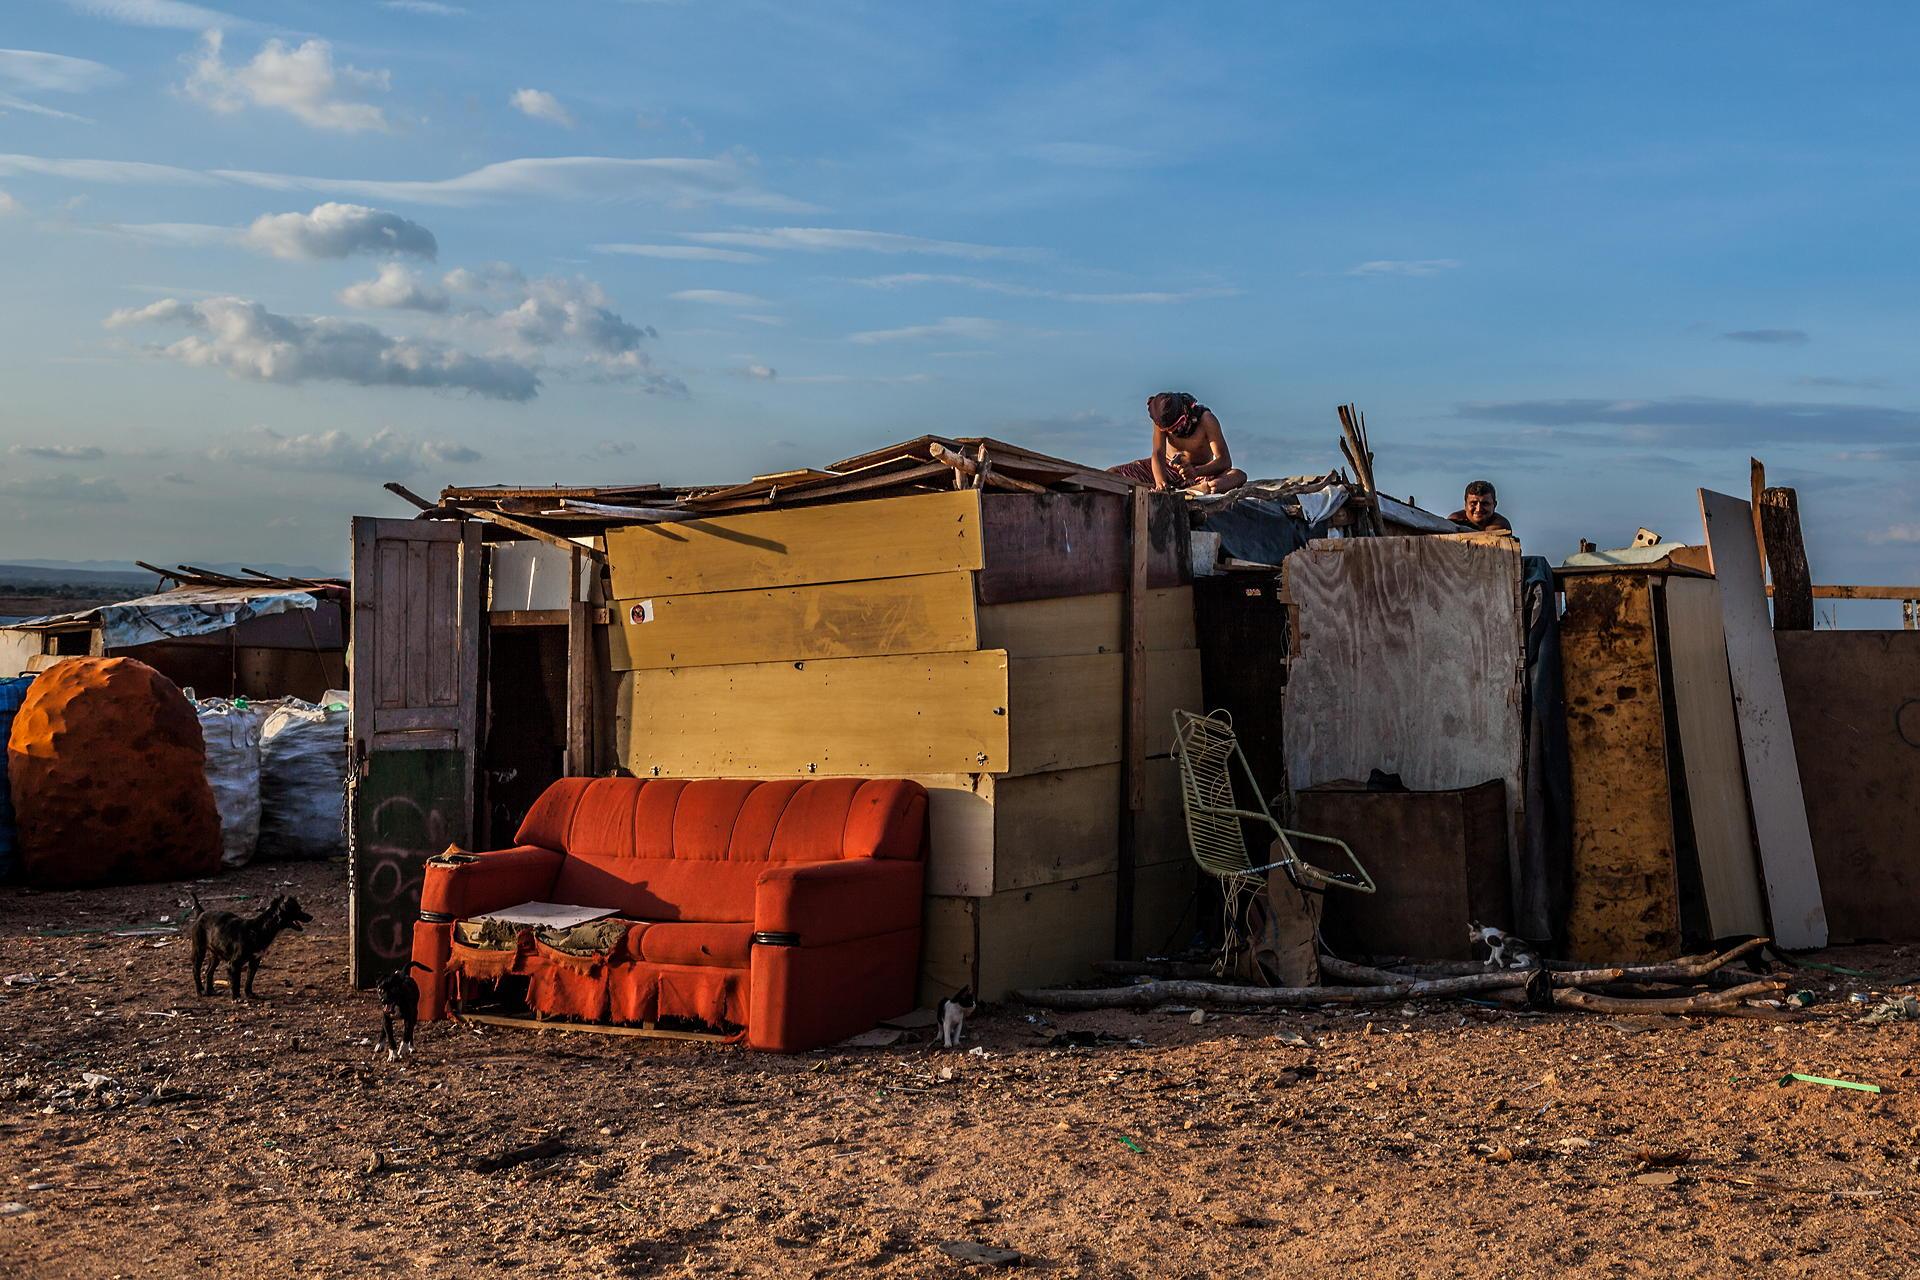 Antonello Veneri - Men and Vultures - Felix Schoeller Photoaward